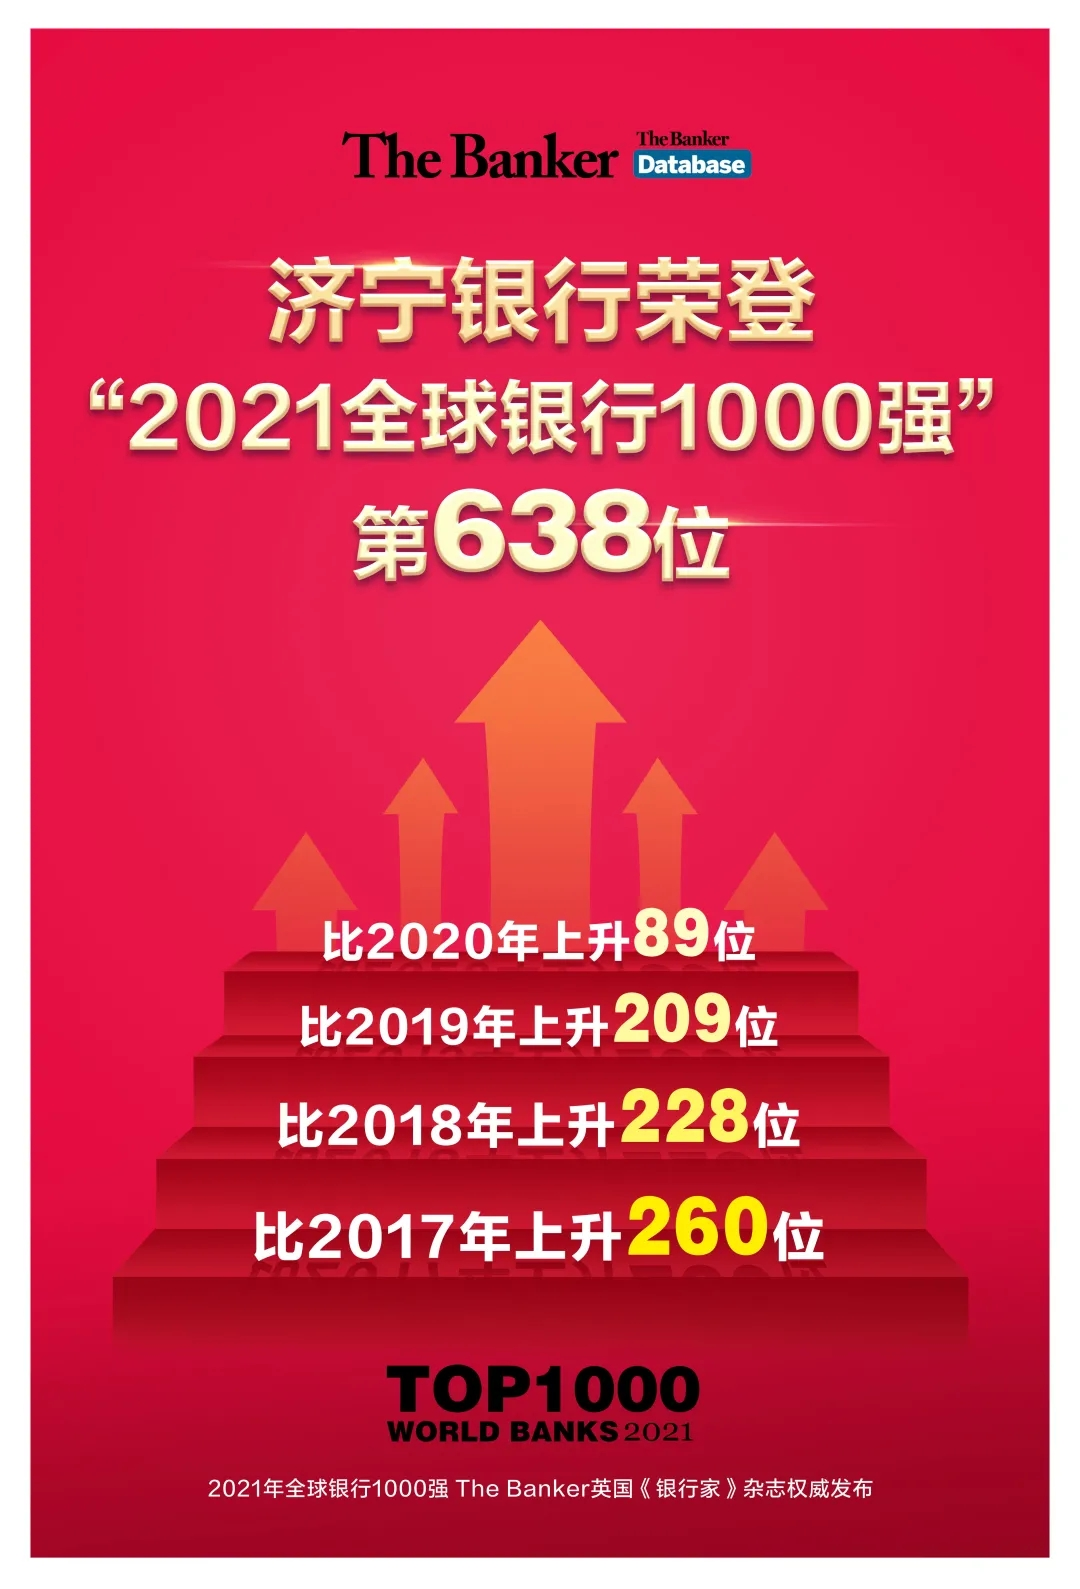 全球银行1000强榜单发布:济宁银行跃升至第638位